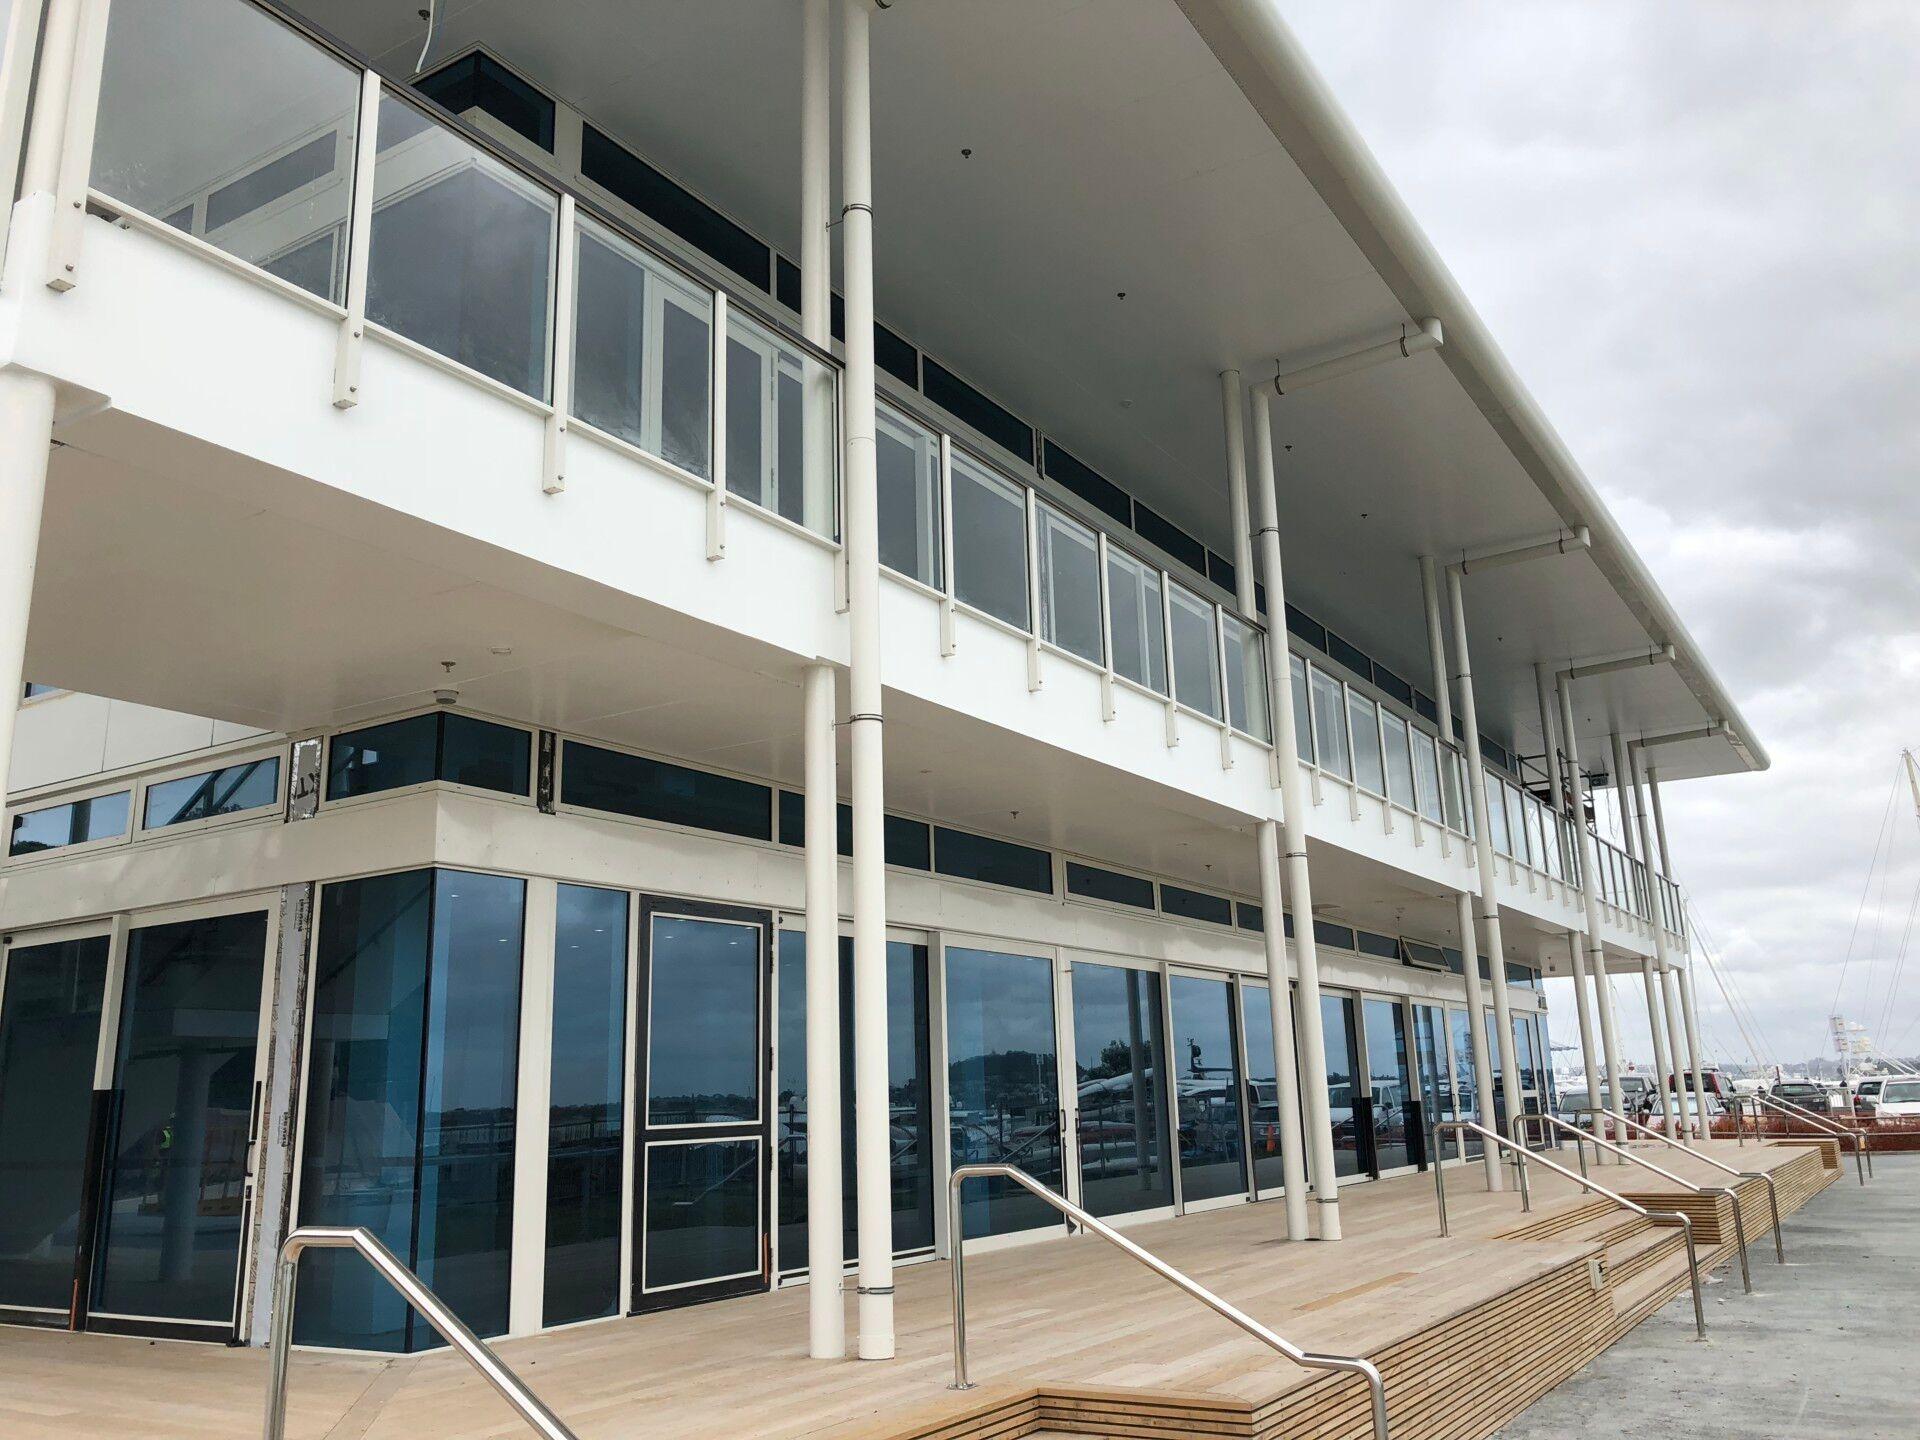 Hyundai Marine Sports Centre exterior